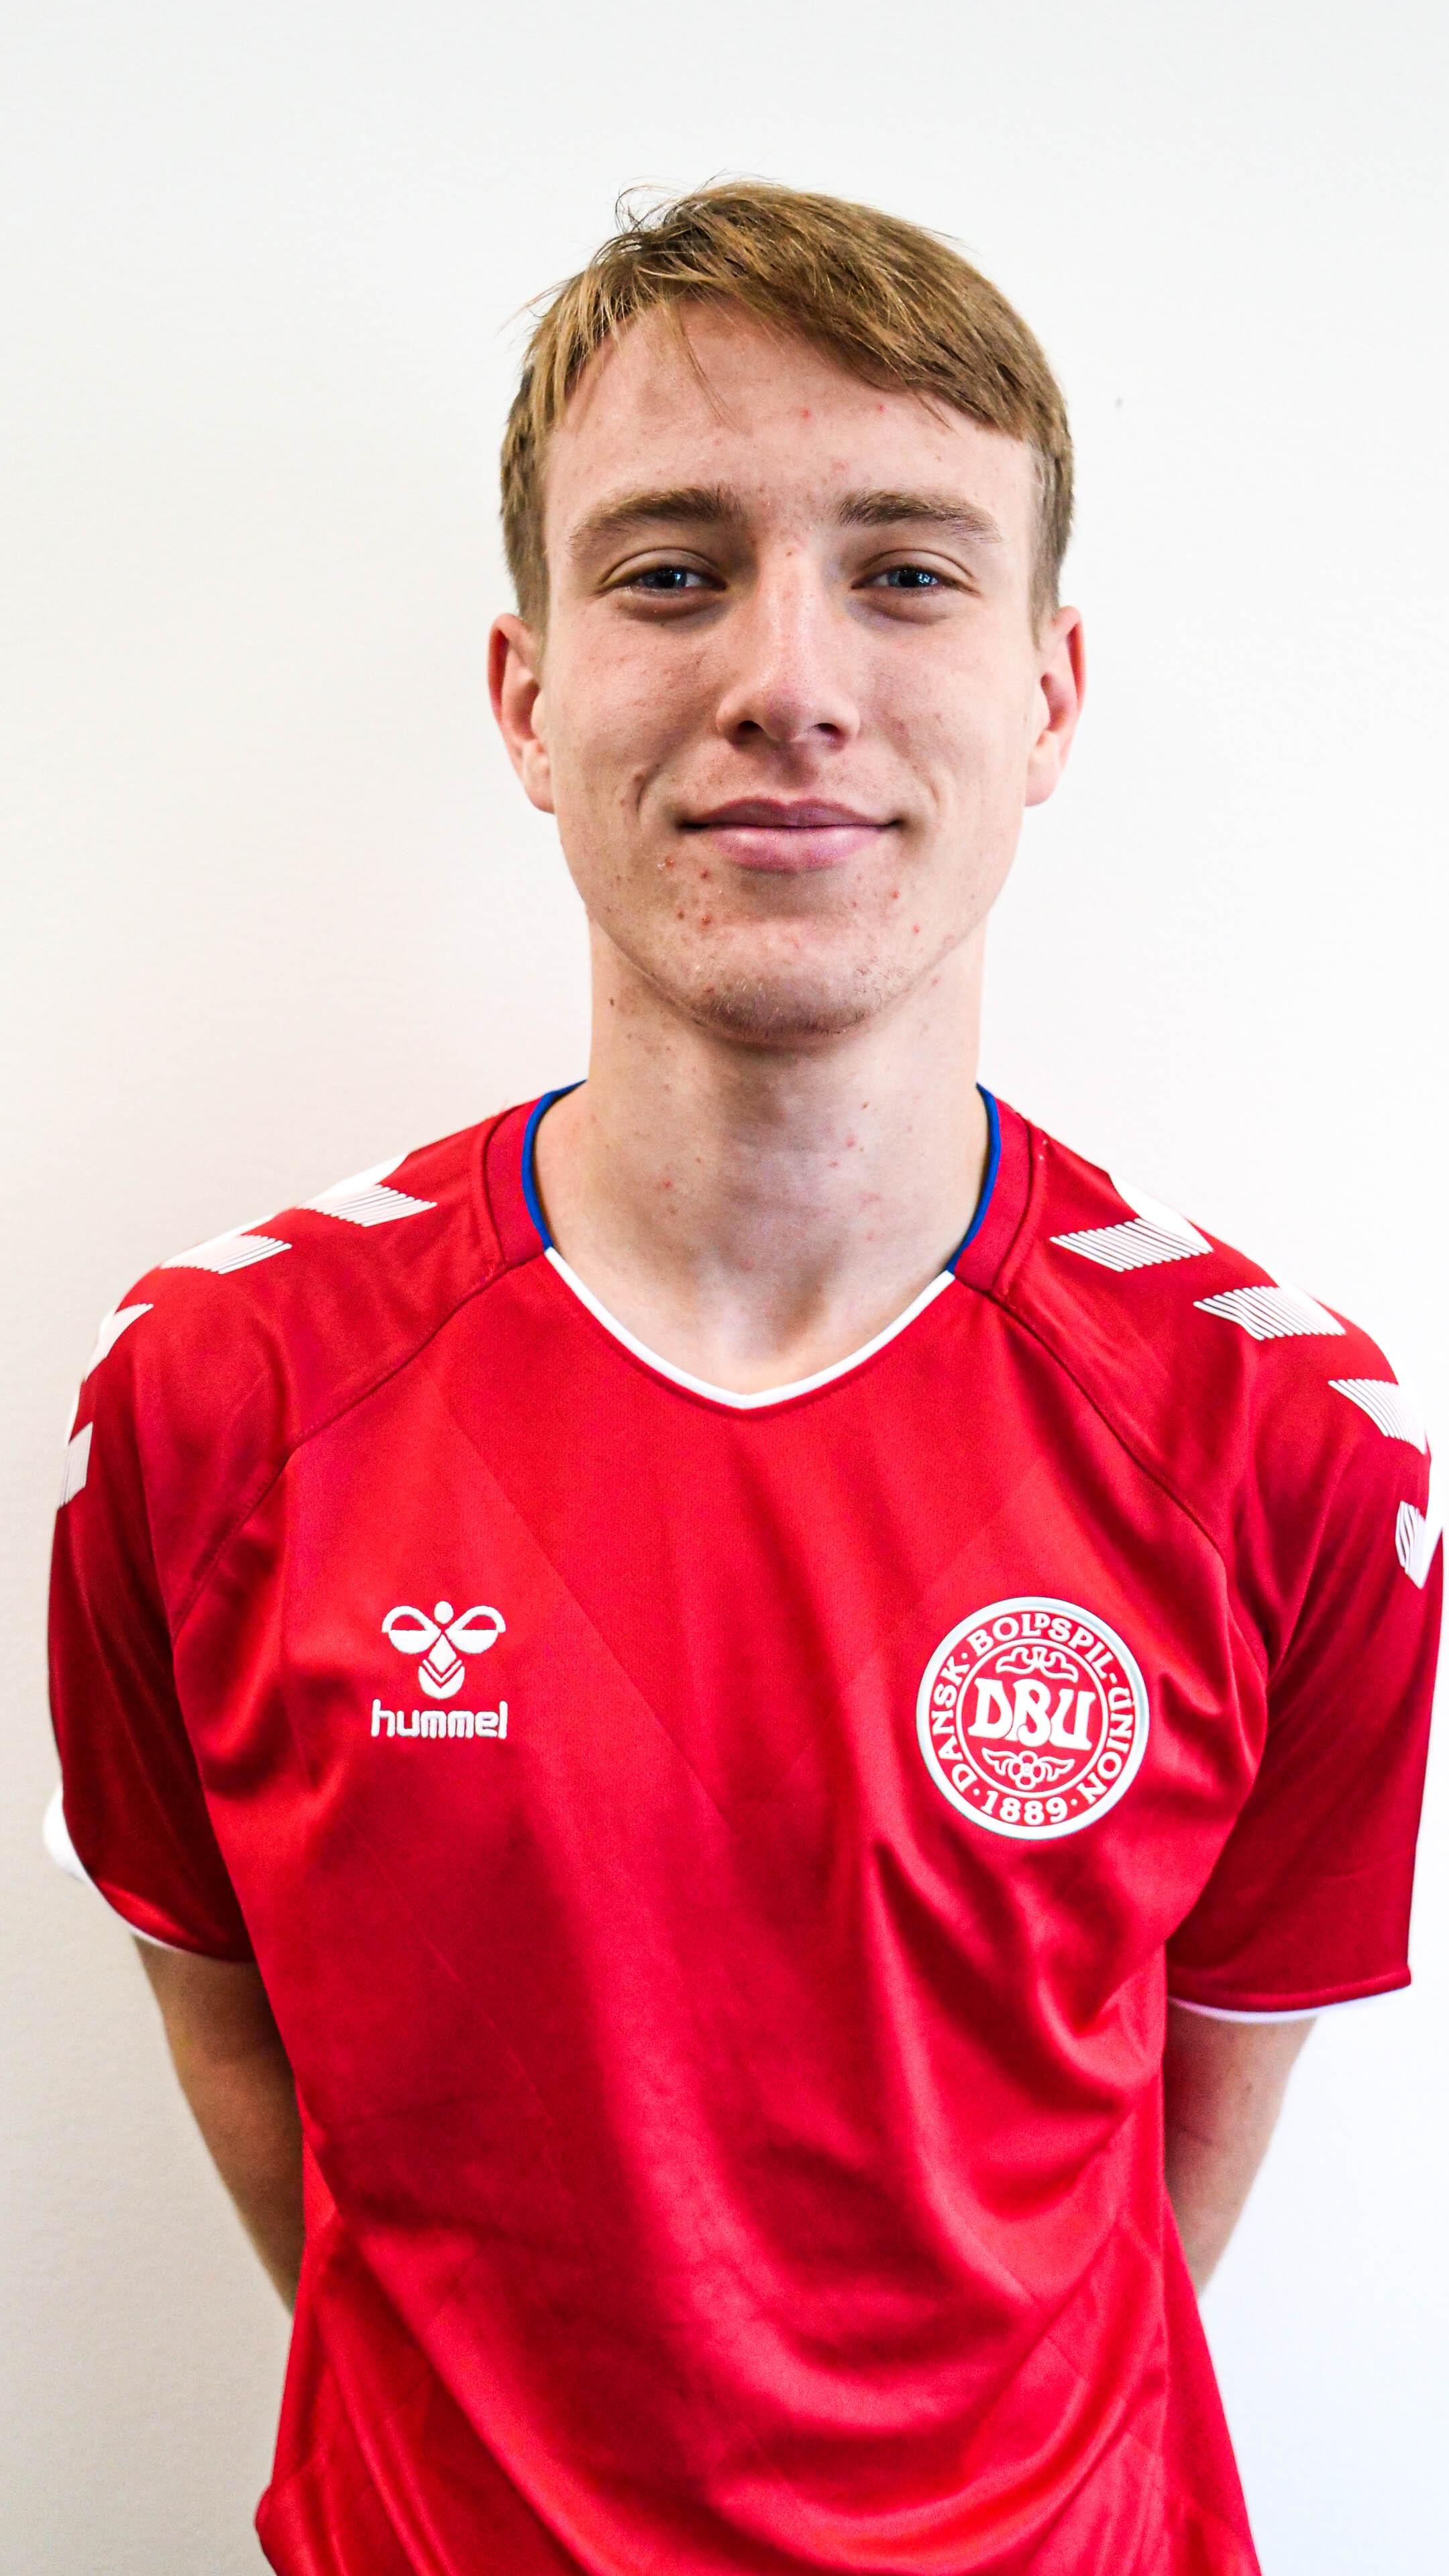 Valdemar Lund Jensen